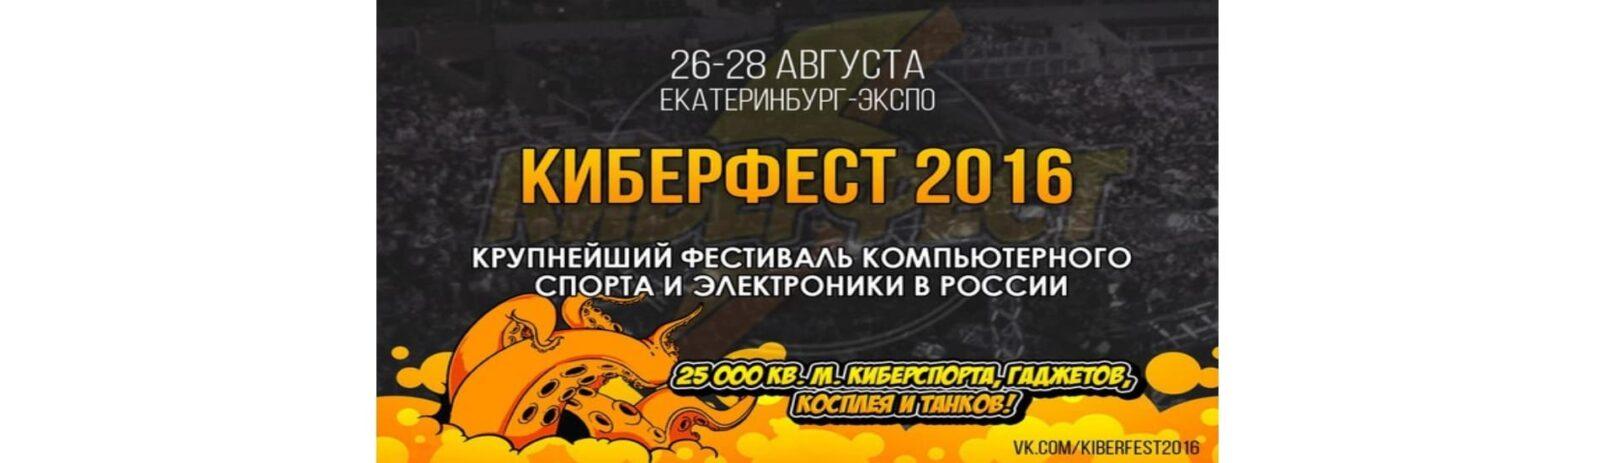 Киберфест 2016